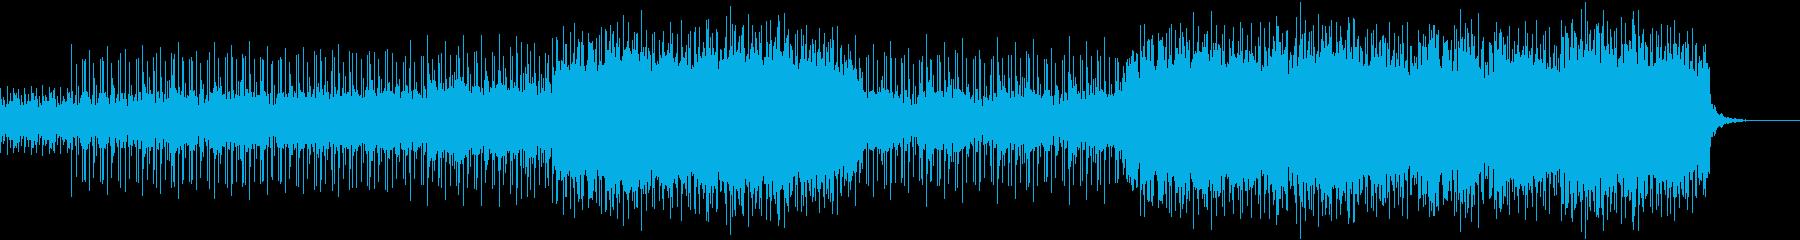 車のCMやPVに使えそうな都会的な曲の再生済みの波形